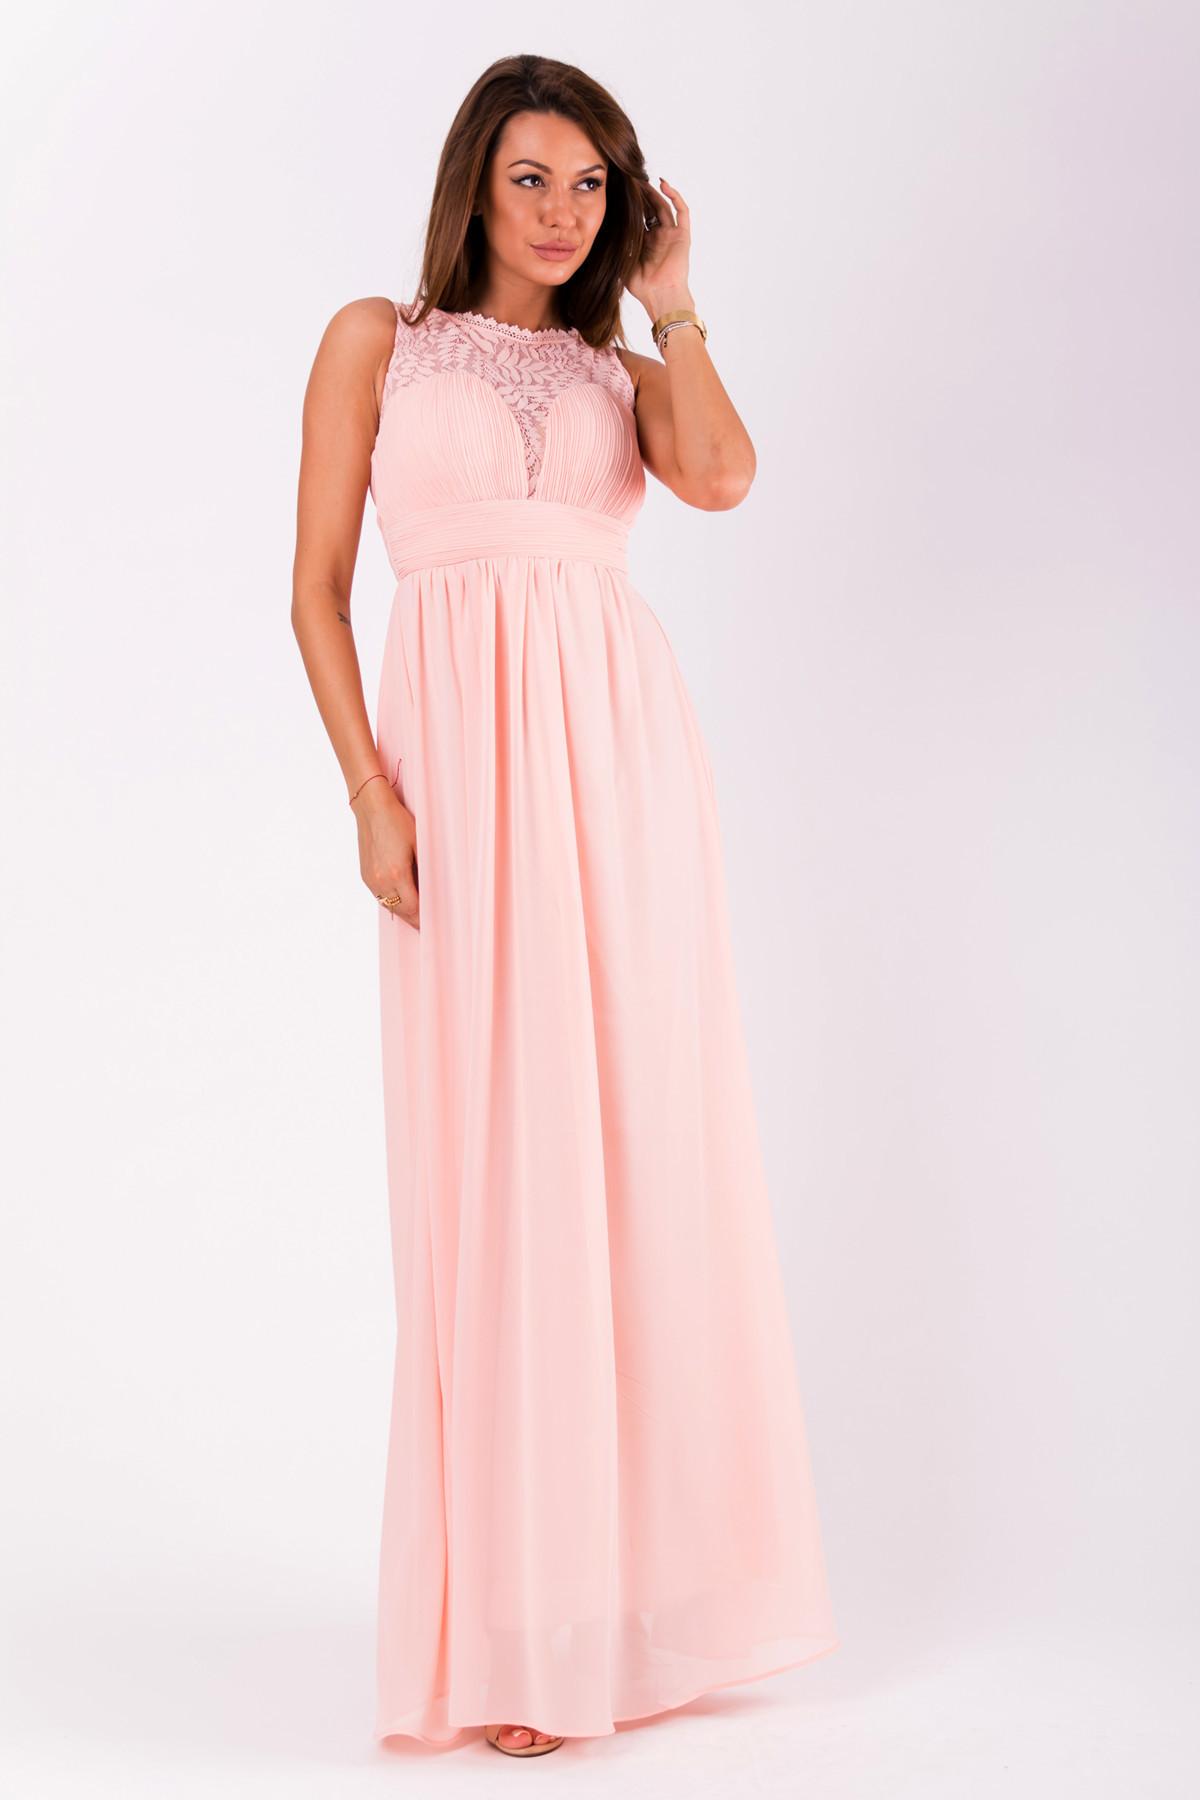 Spoločenské dámske šaty EVA & LOLA bez rukávov dlhé ružové - Ružová - EVA & LOLA S